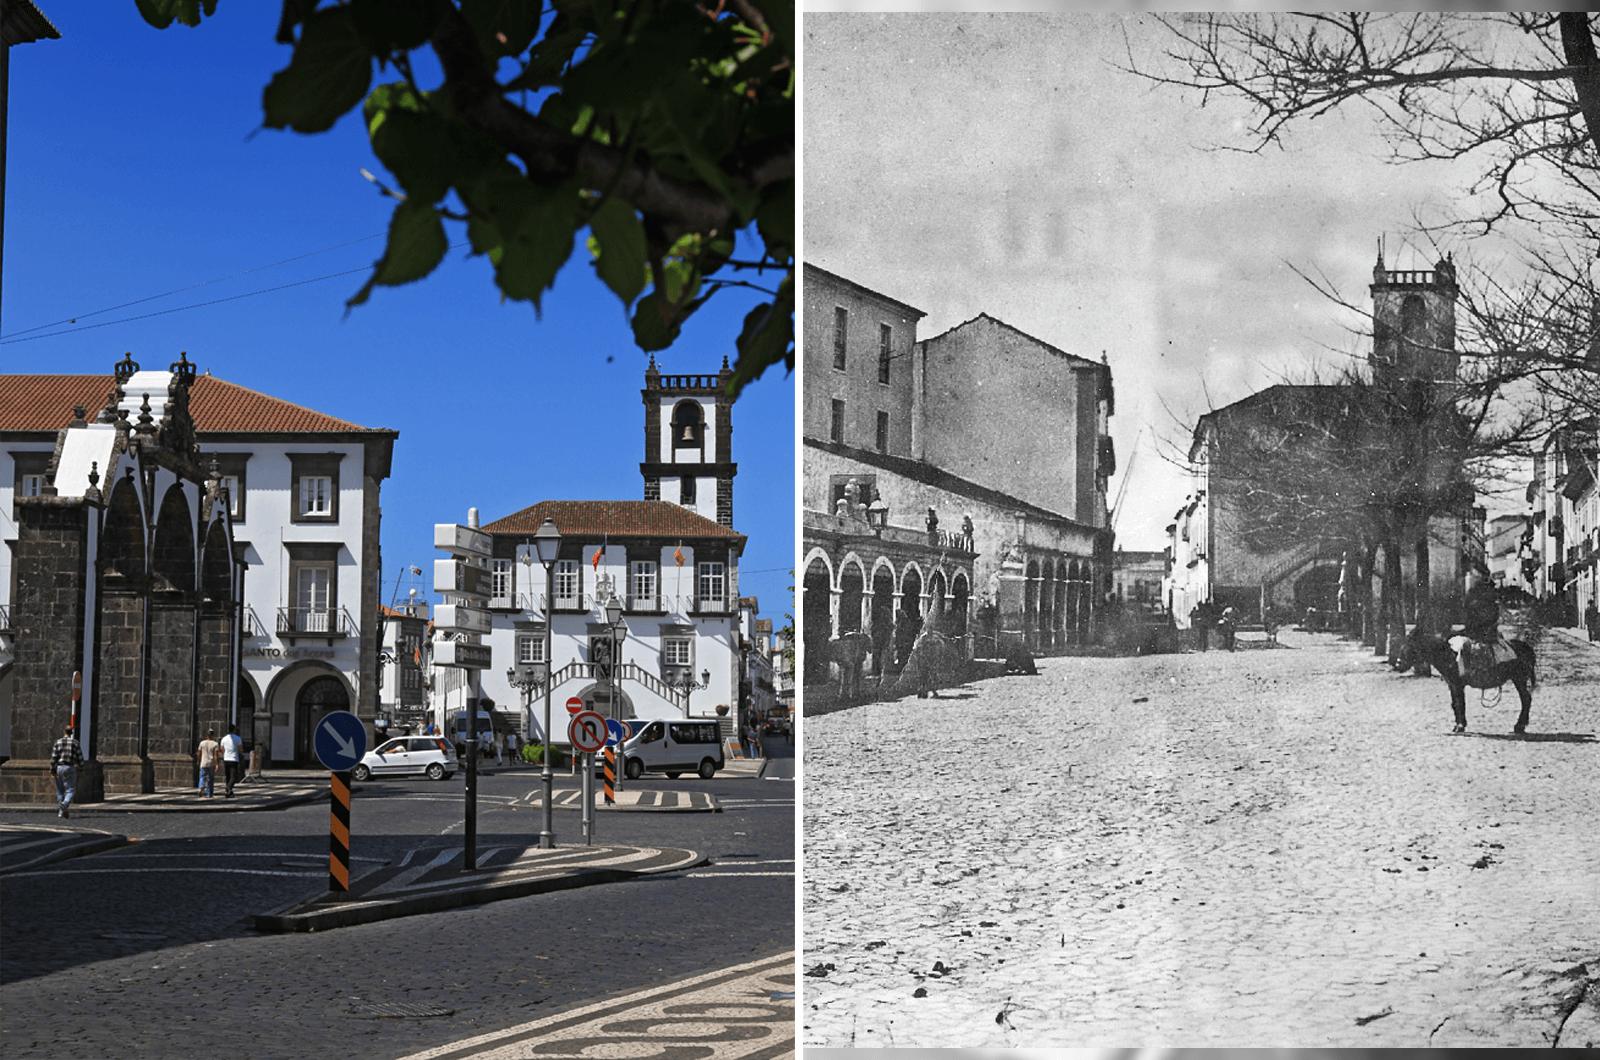 """Ponta Delgada Hoje e """"Ontem"""": Evolução da cidade ao longo de séculos!"""